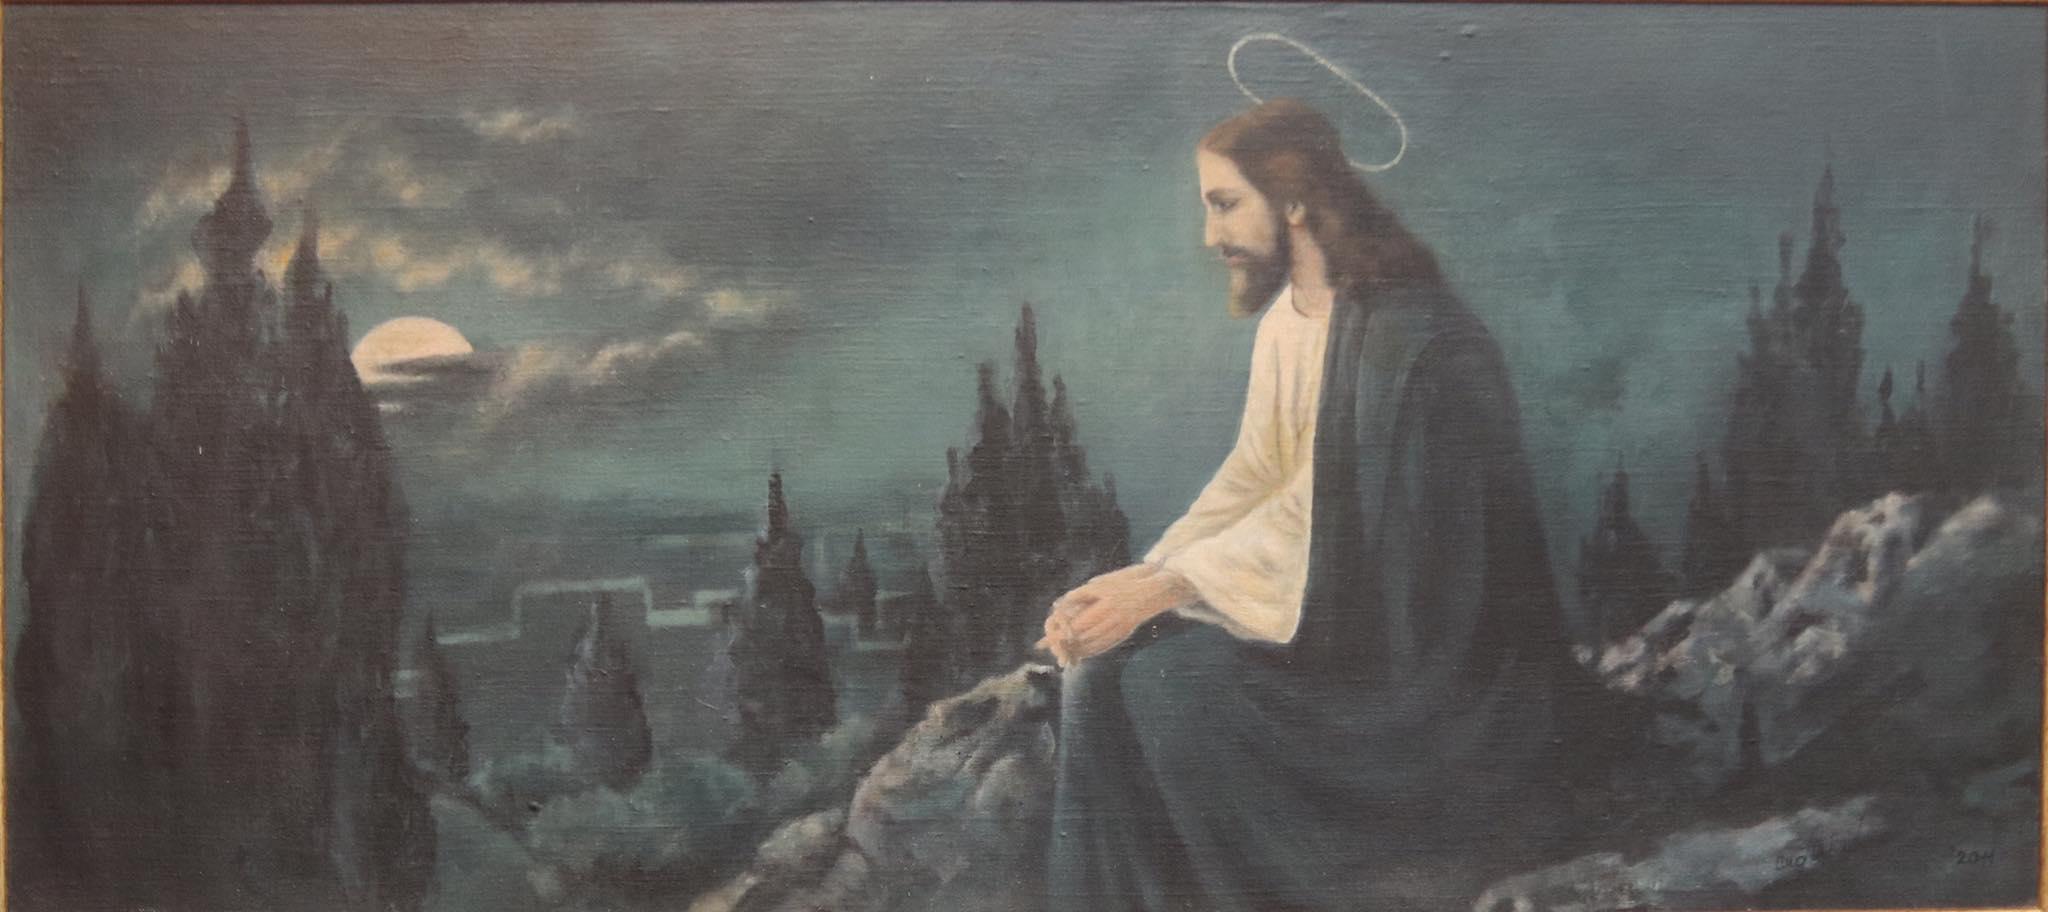 molitva12